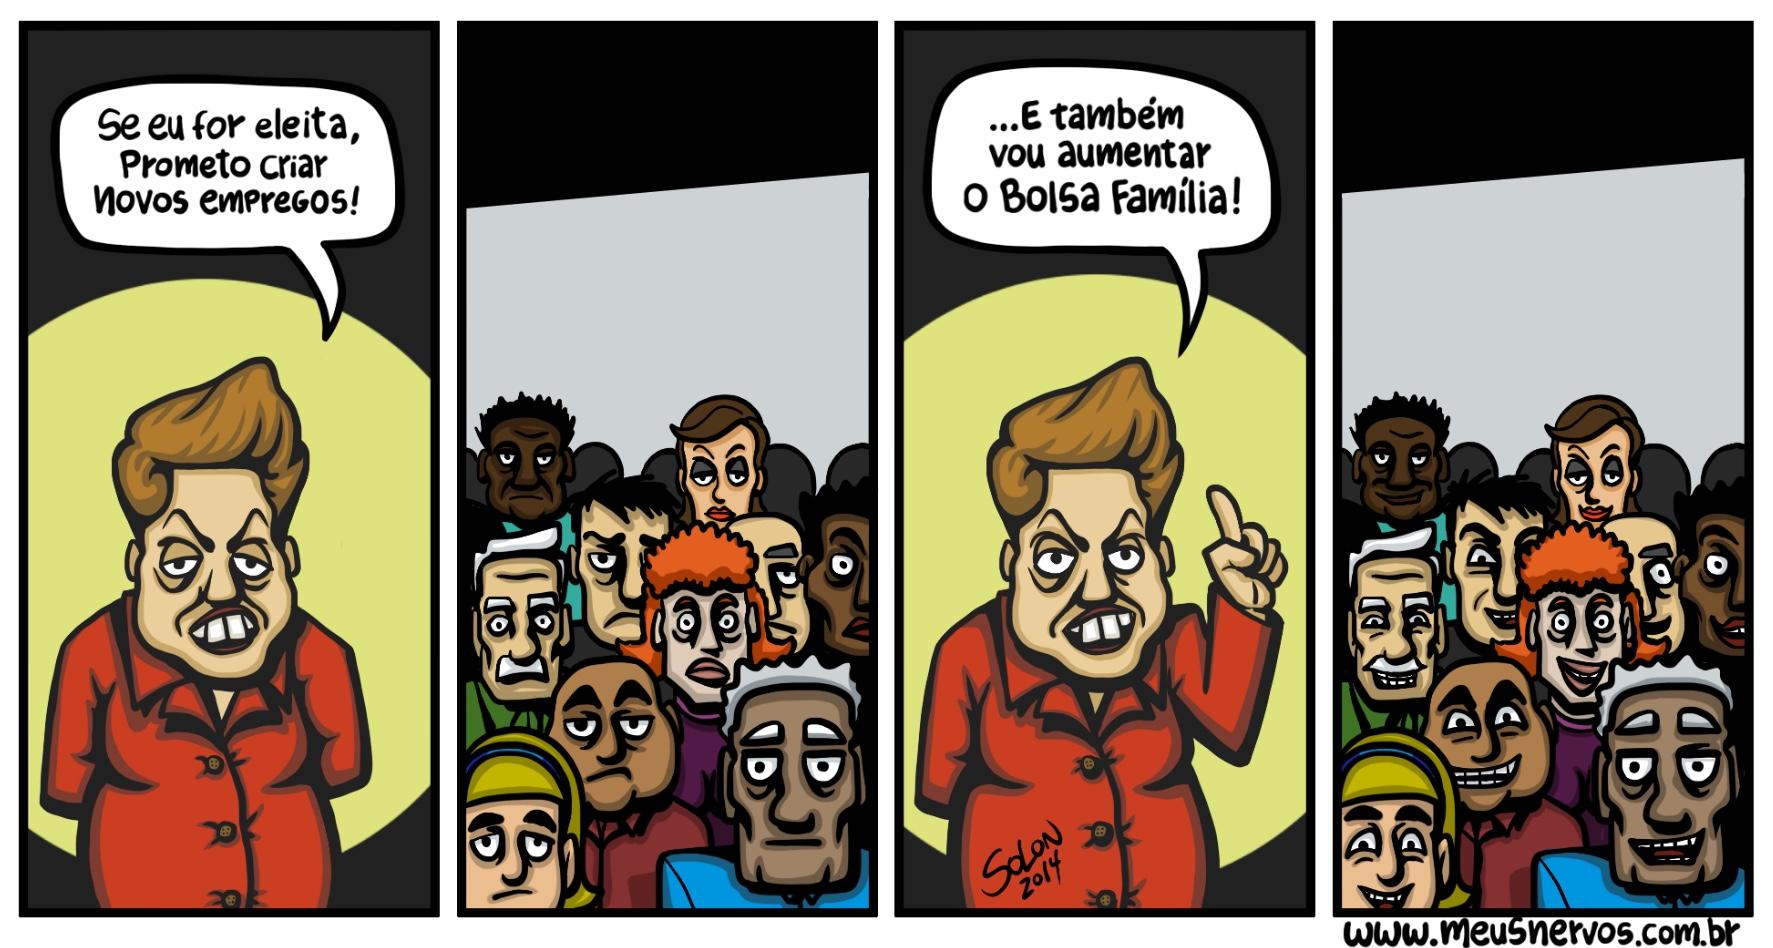 Eleicoes 2014 01